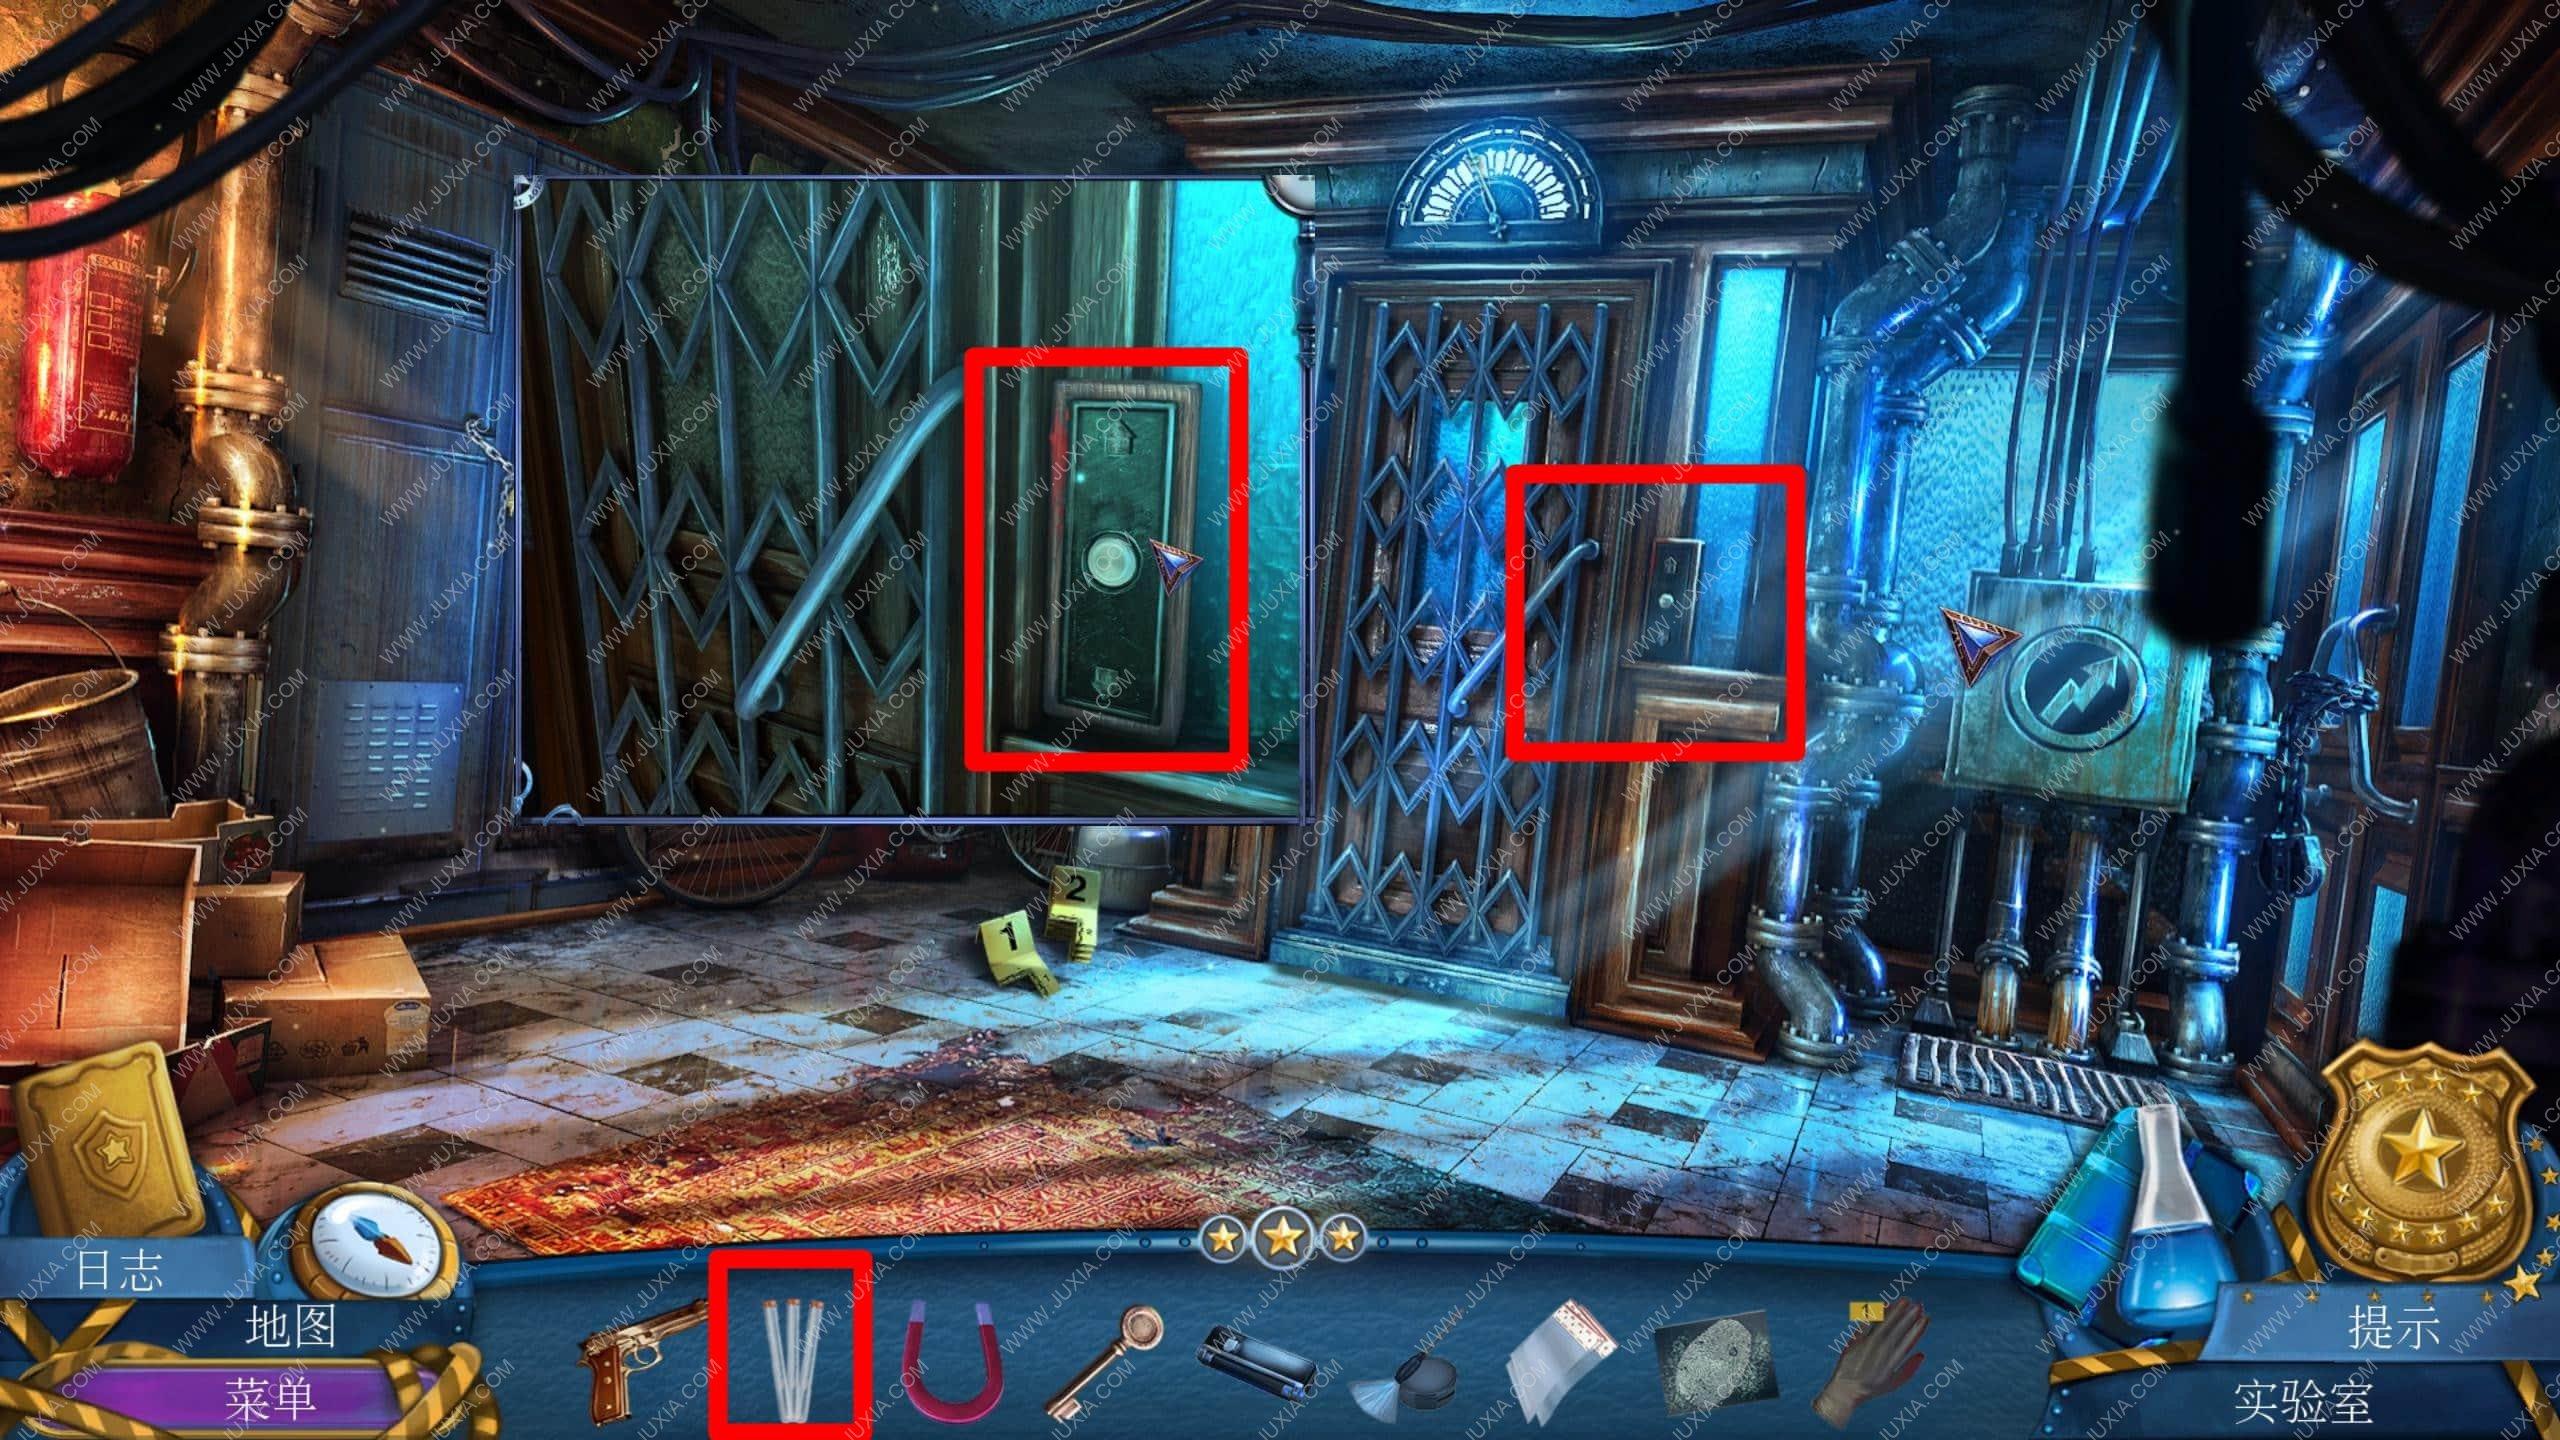 密室逃脱滚动迷城攻略第二章 幽灵档案罪恶的面孔攻略